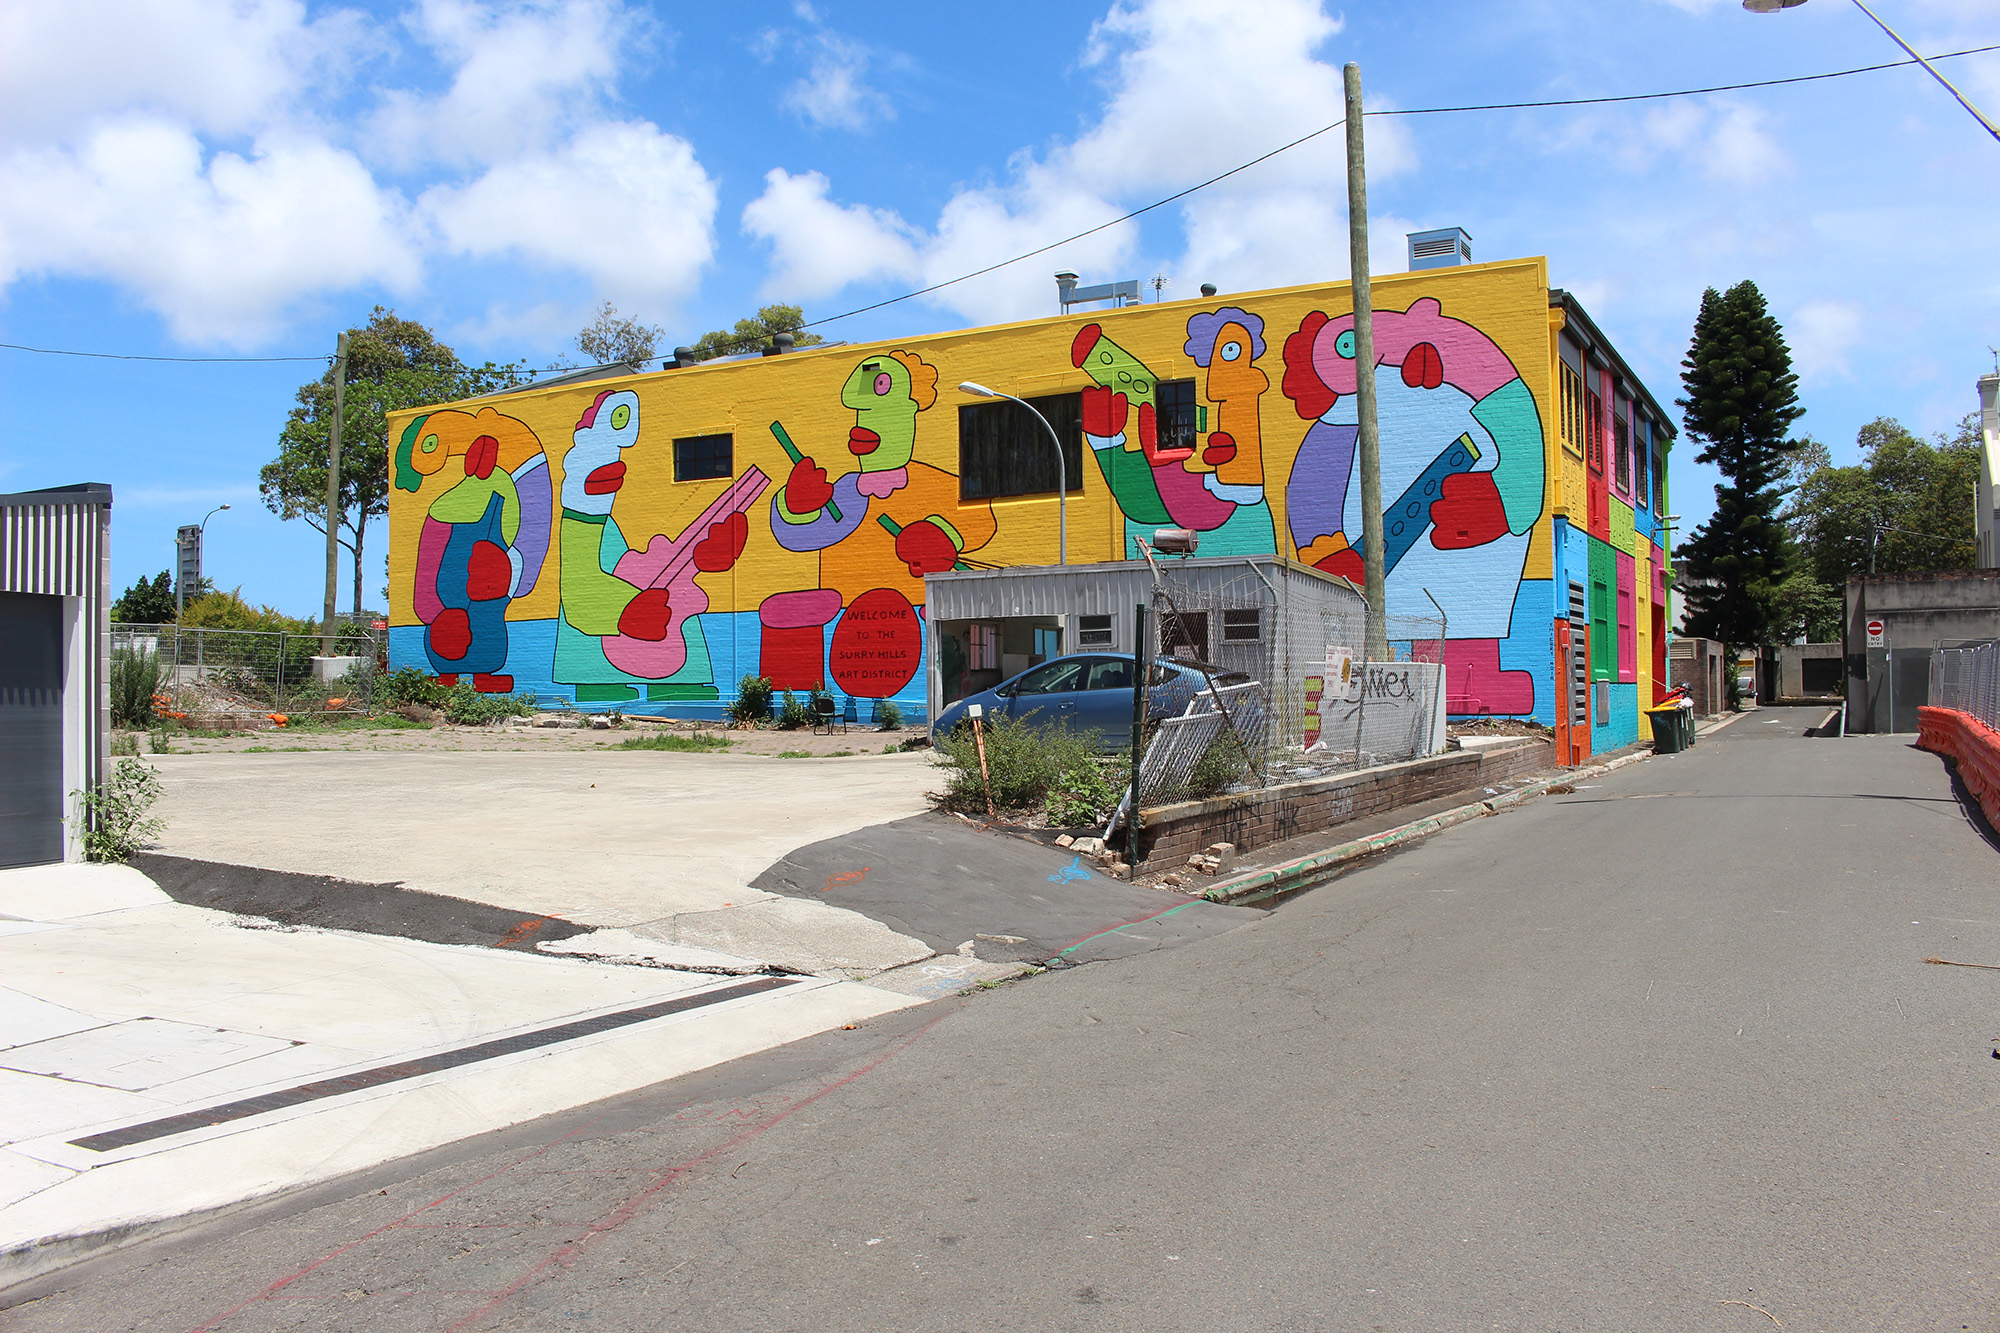 Thierry Noir - Surrey Hills, Sydney